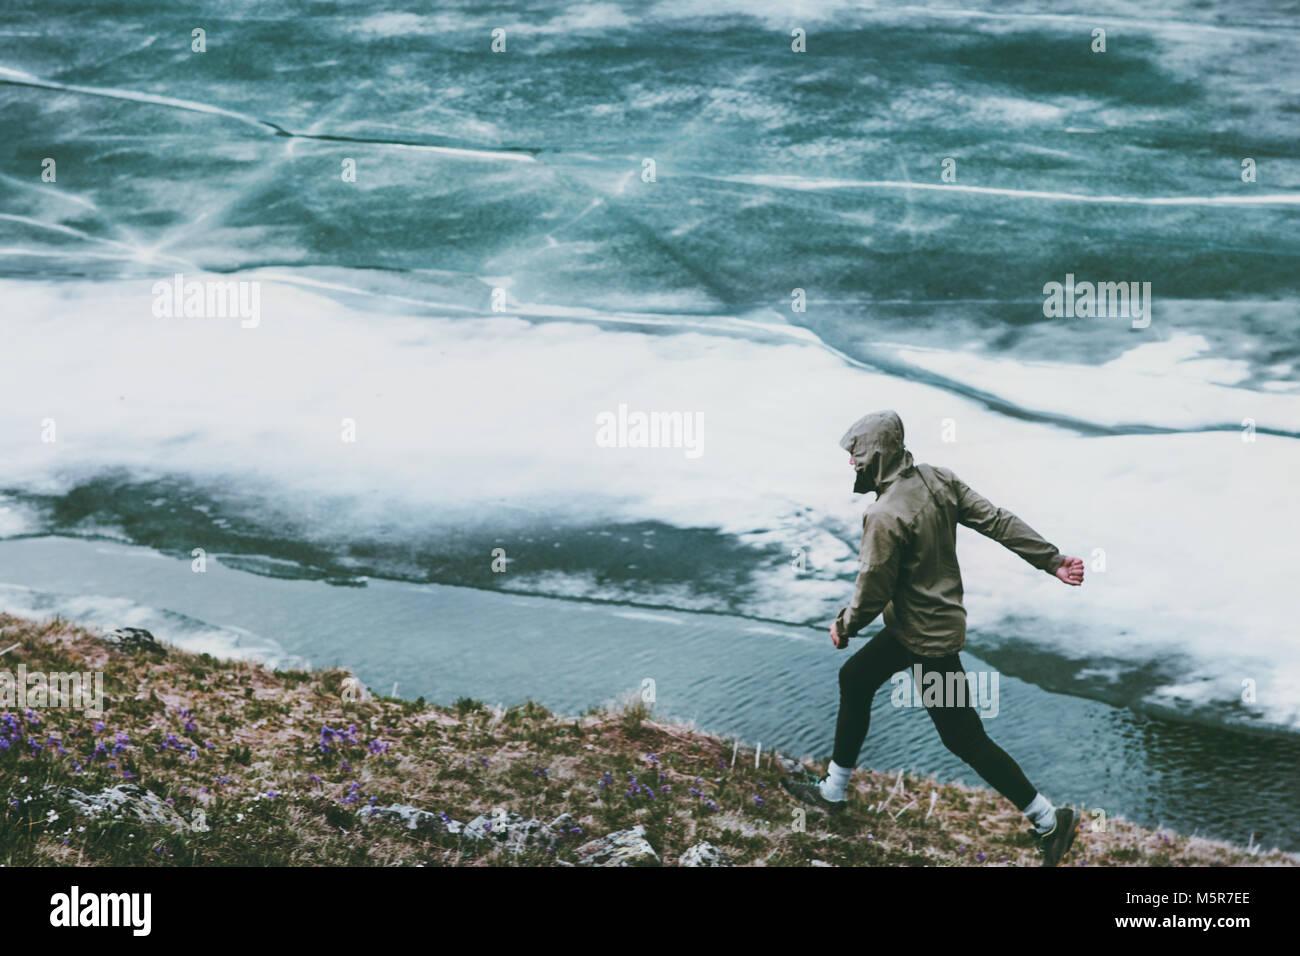 Aktiver Mann läuft mit gefrorenen See reisen Abenteuer gesunder Lebensstil Konzept Ferien athletische person Stockbild